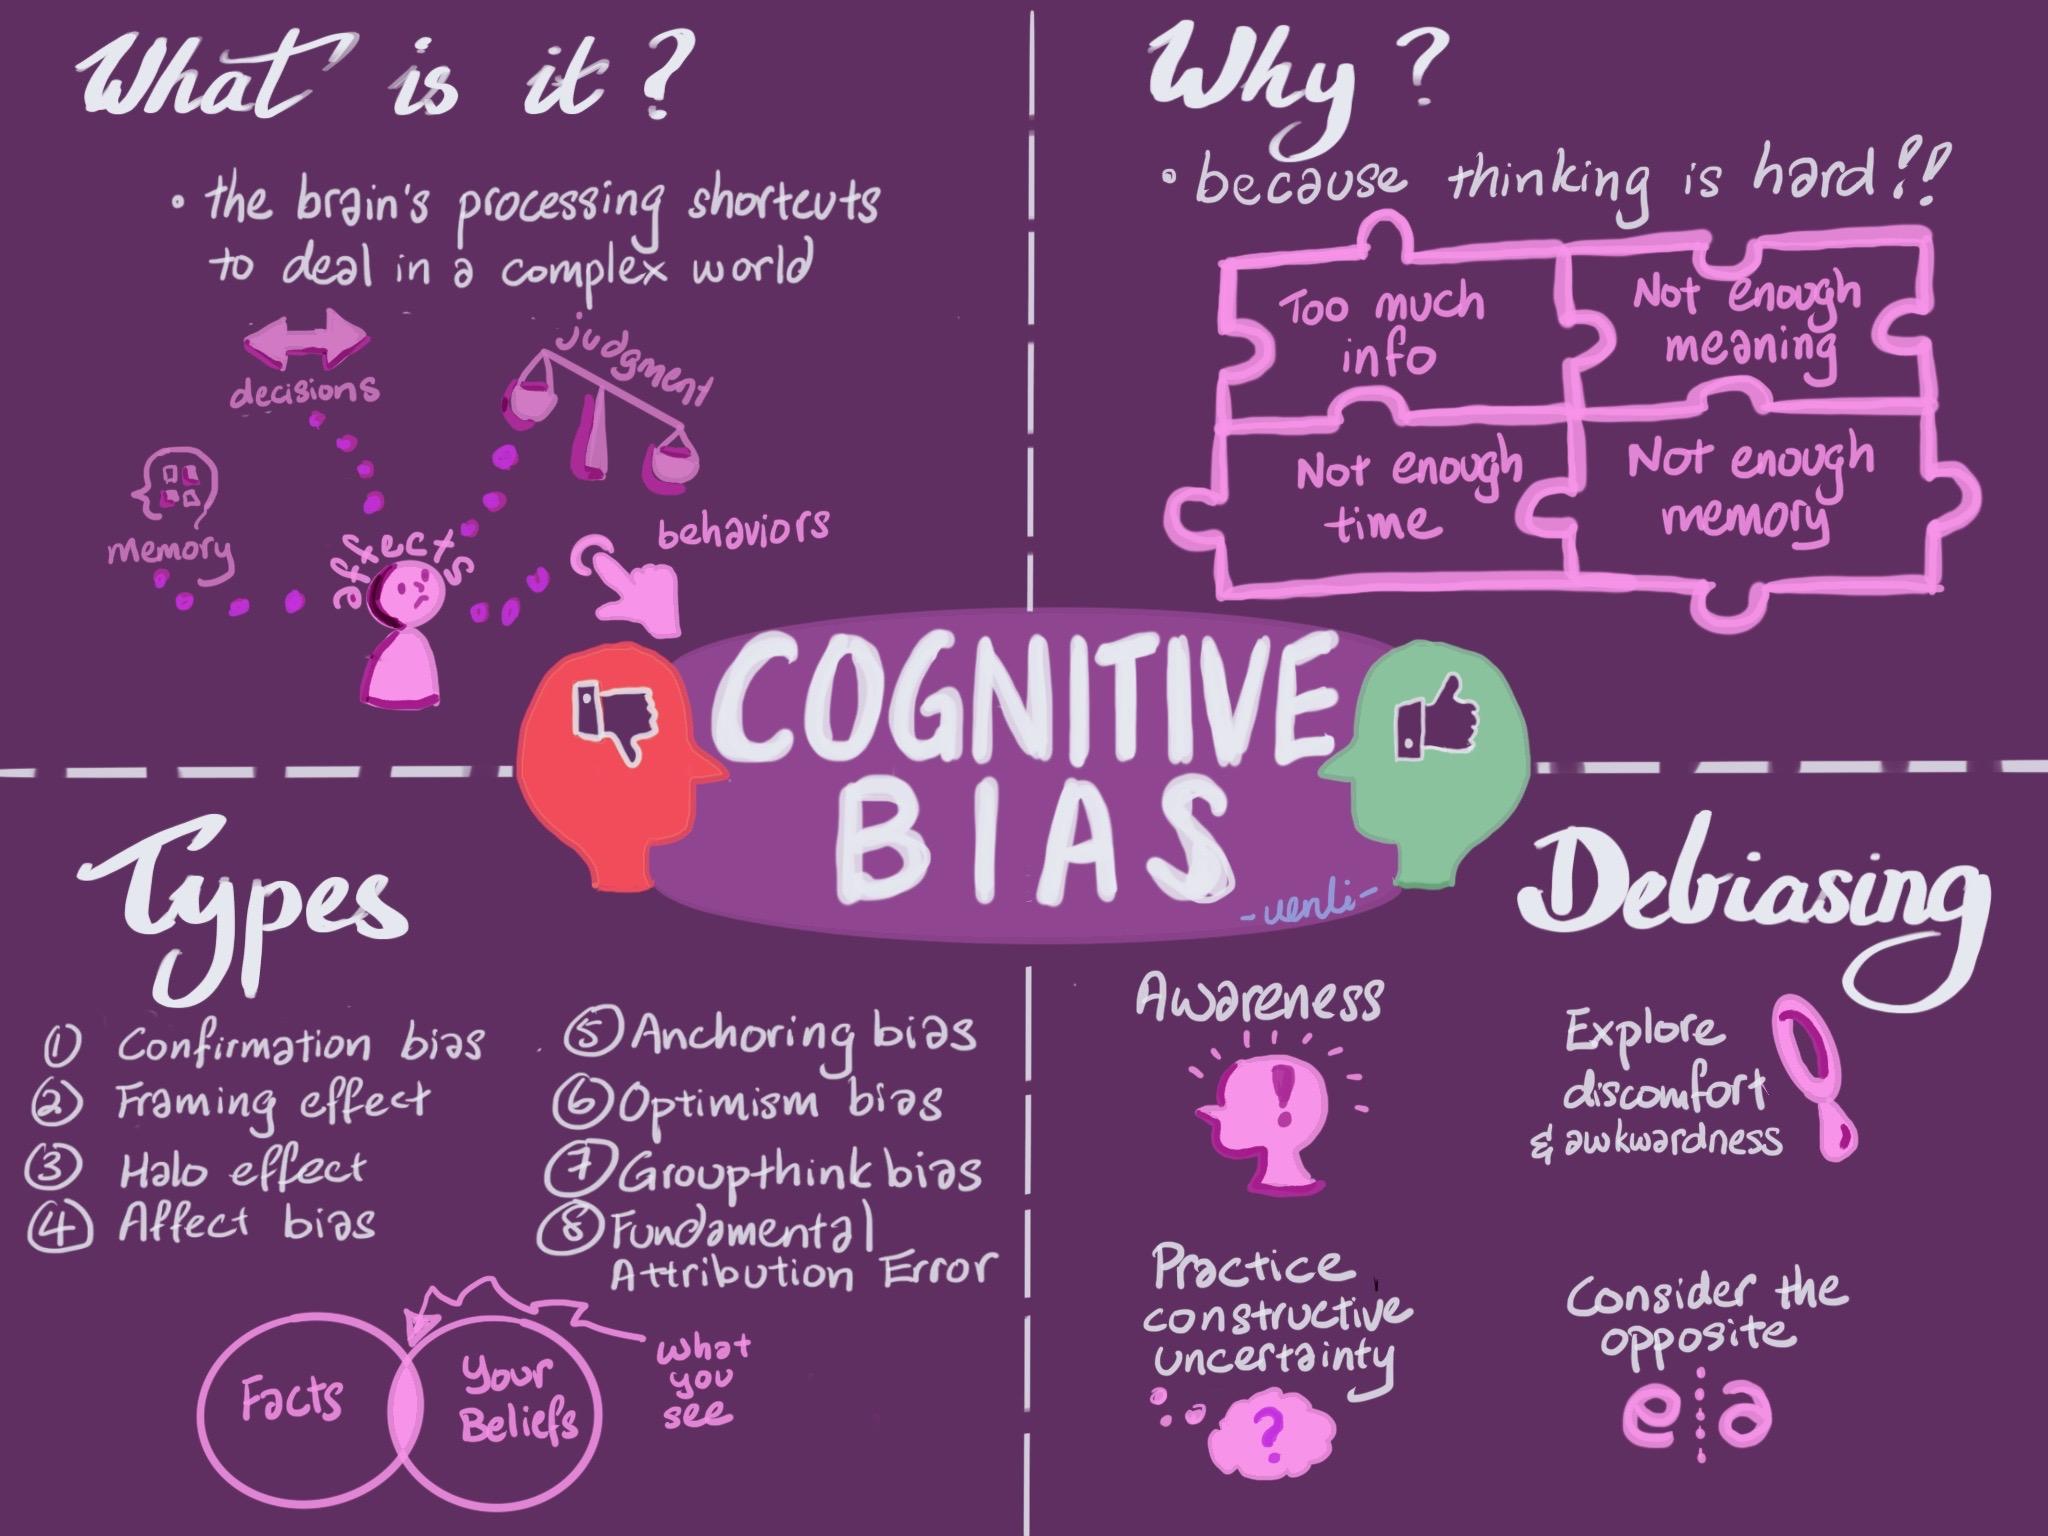 Cognitive Bias Image